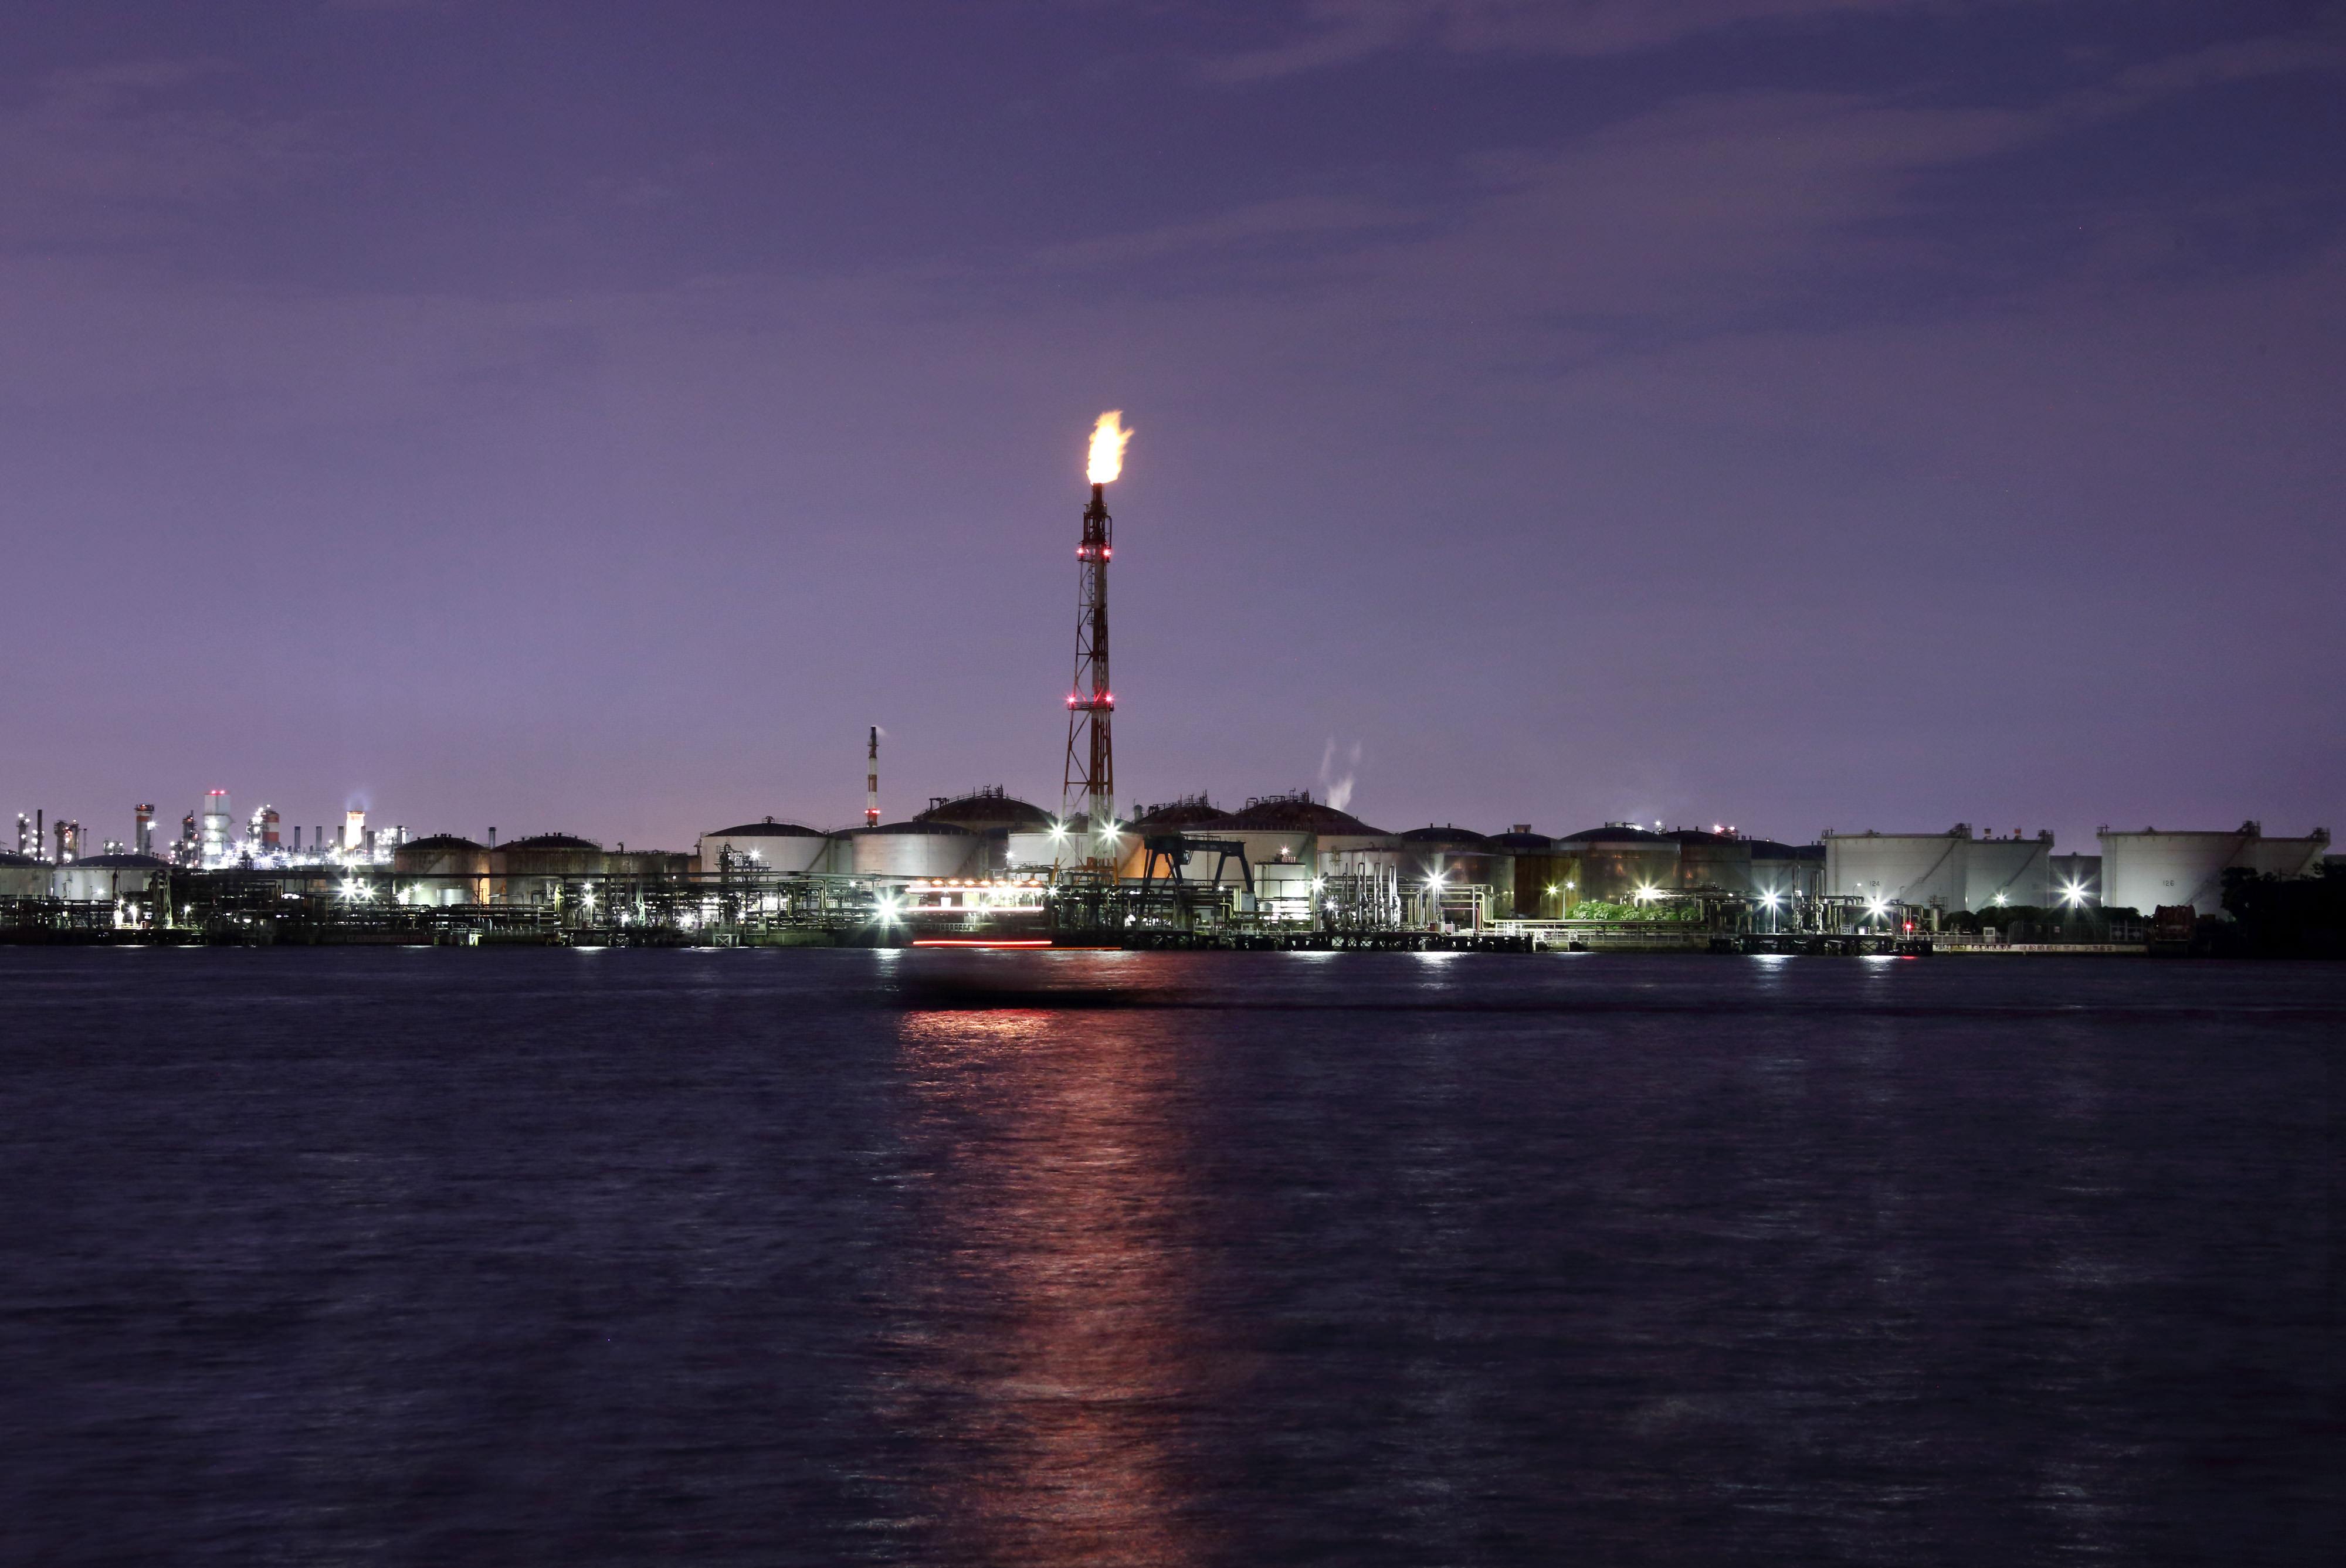 Нефть подросла, т.к. саудиты сокращают поставки в США; глобальный избыток сырья не дает ценам существенно расти